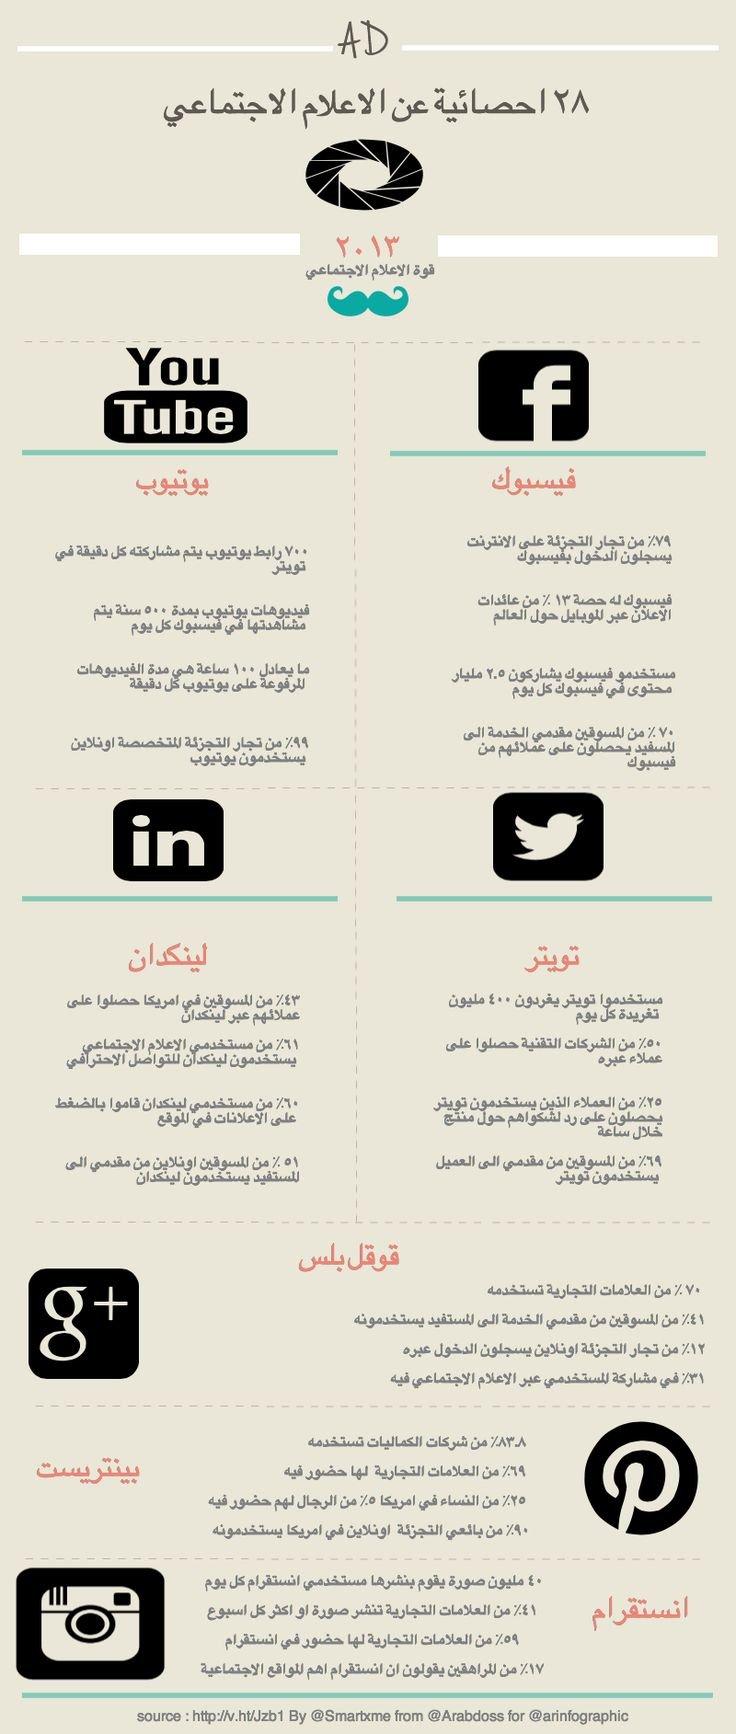 28 إحصائية عن الإعلام الاجتماعي في عام 2013 #إنفوجرافيك